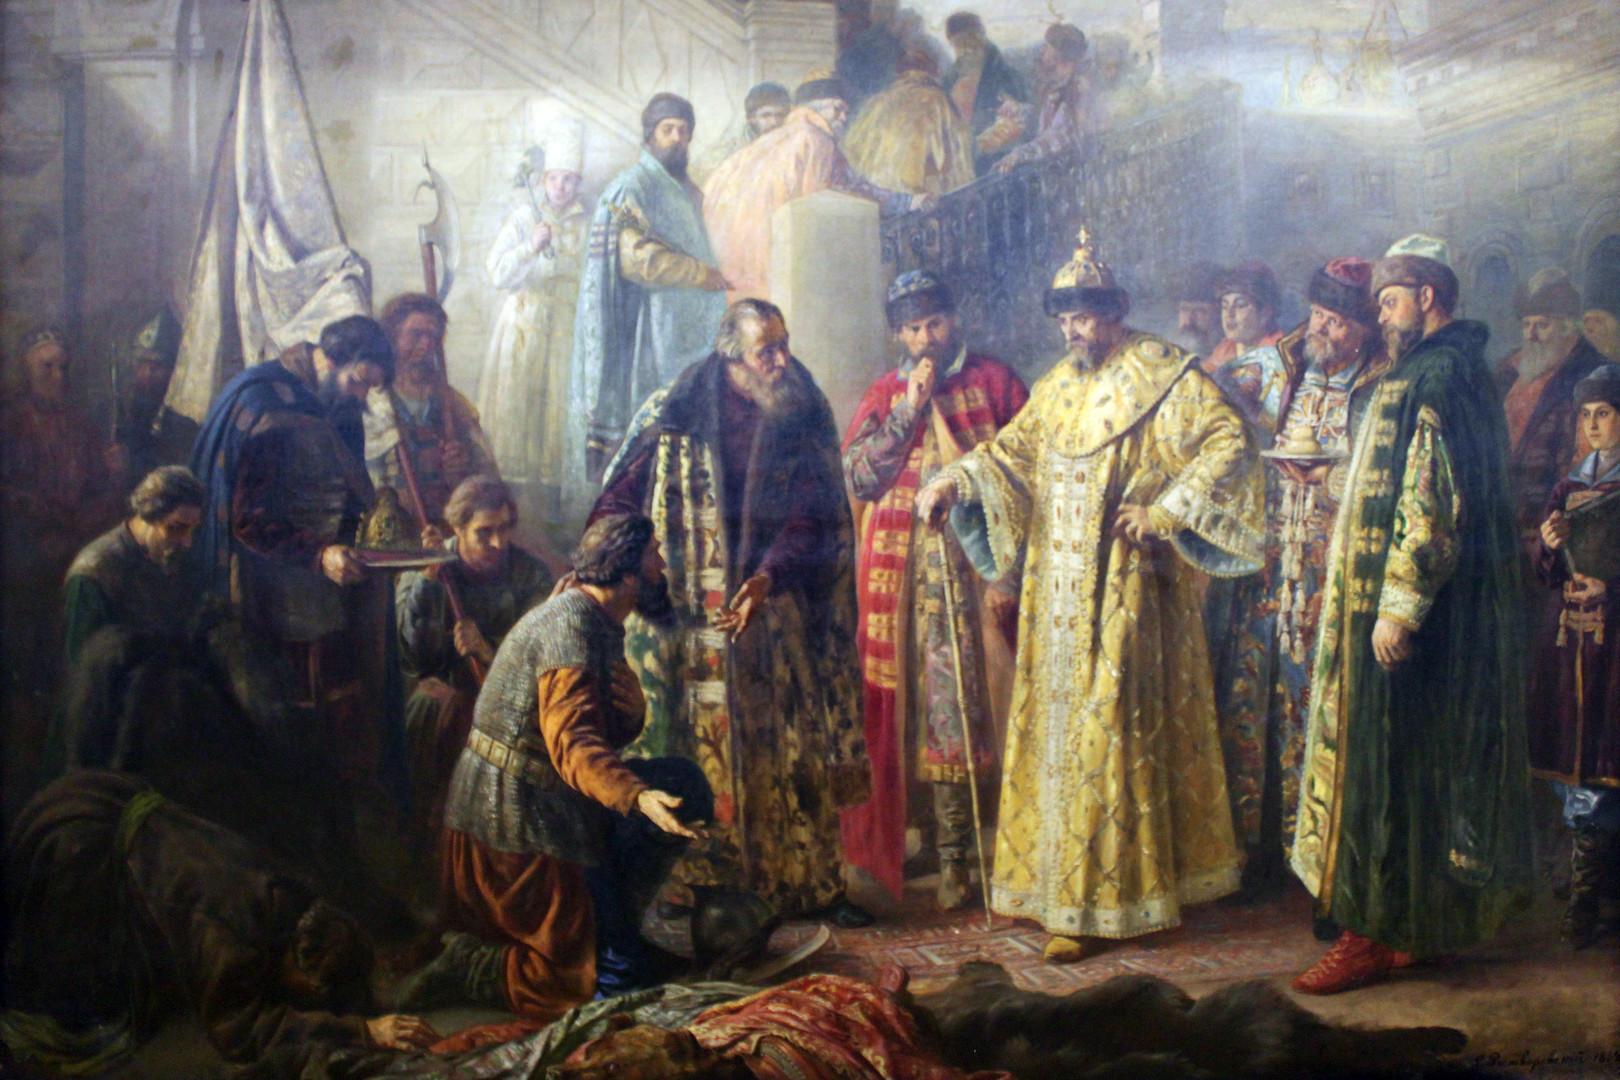 Иван Грозни / С. Ростворовски (1858-1888)